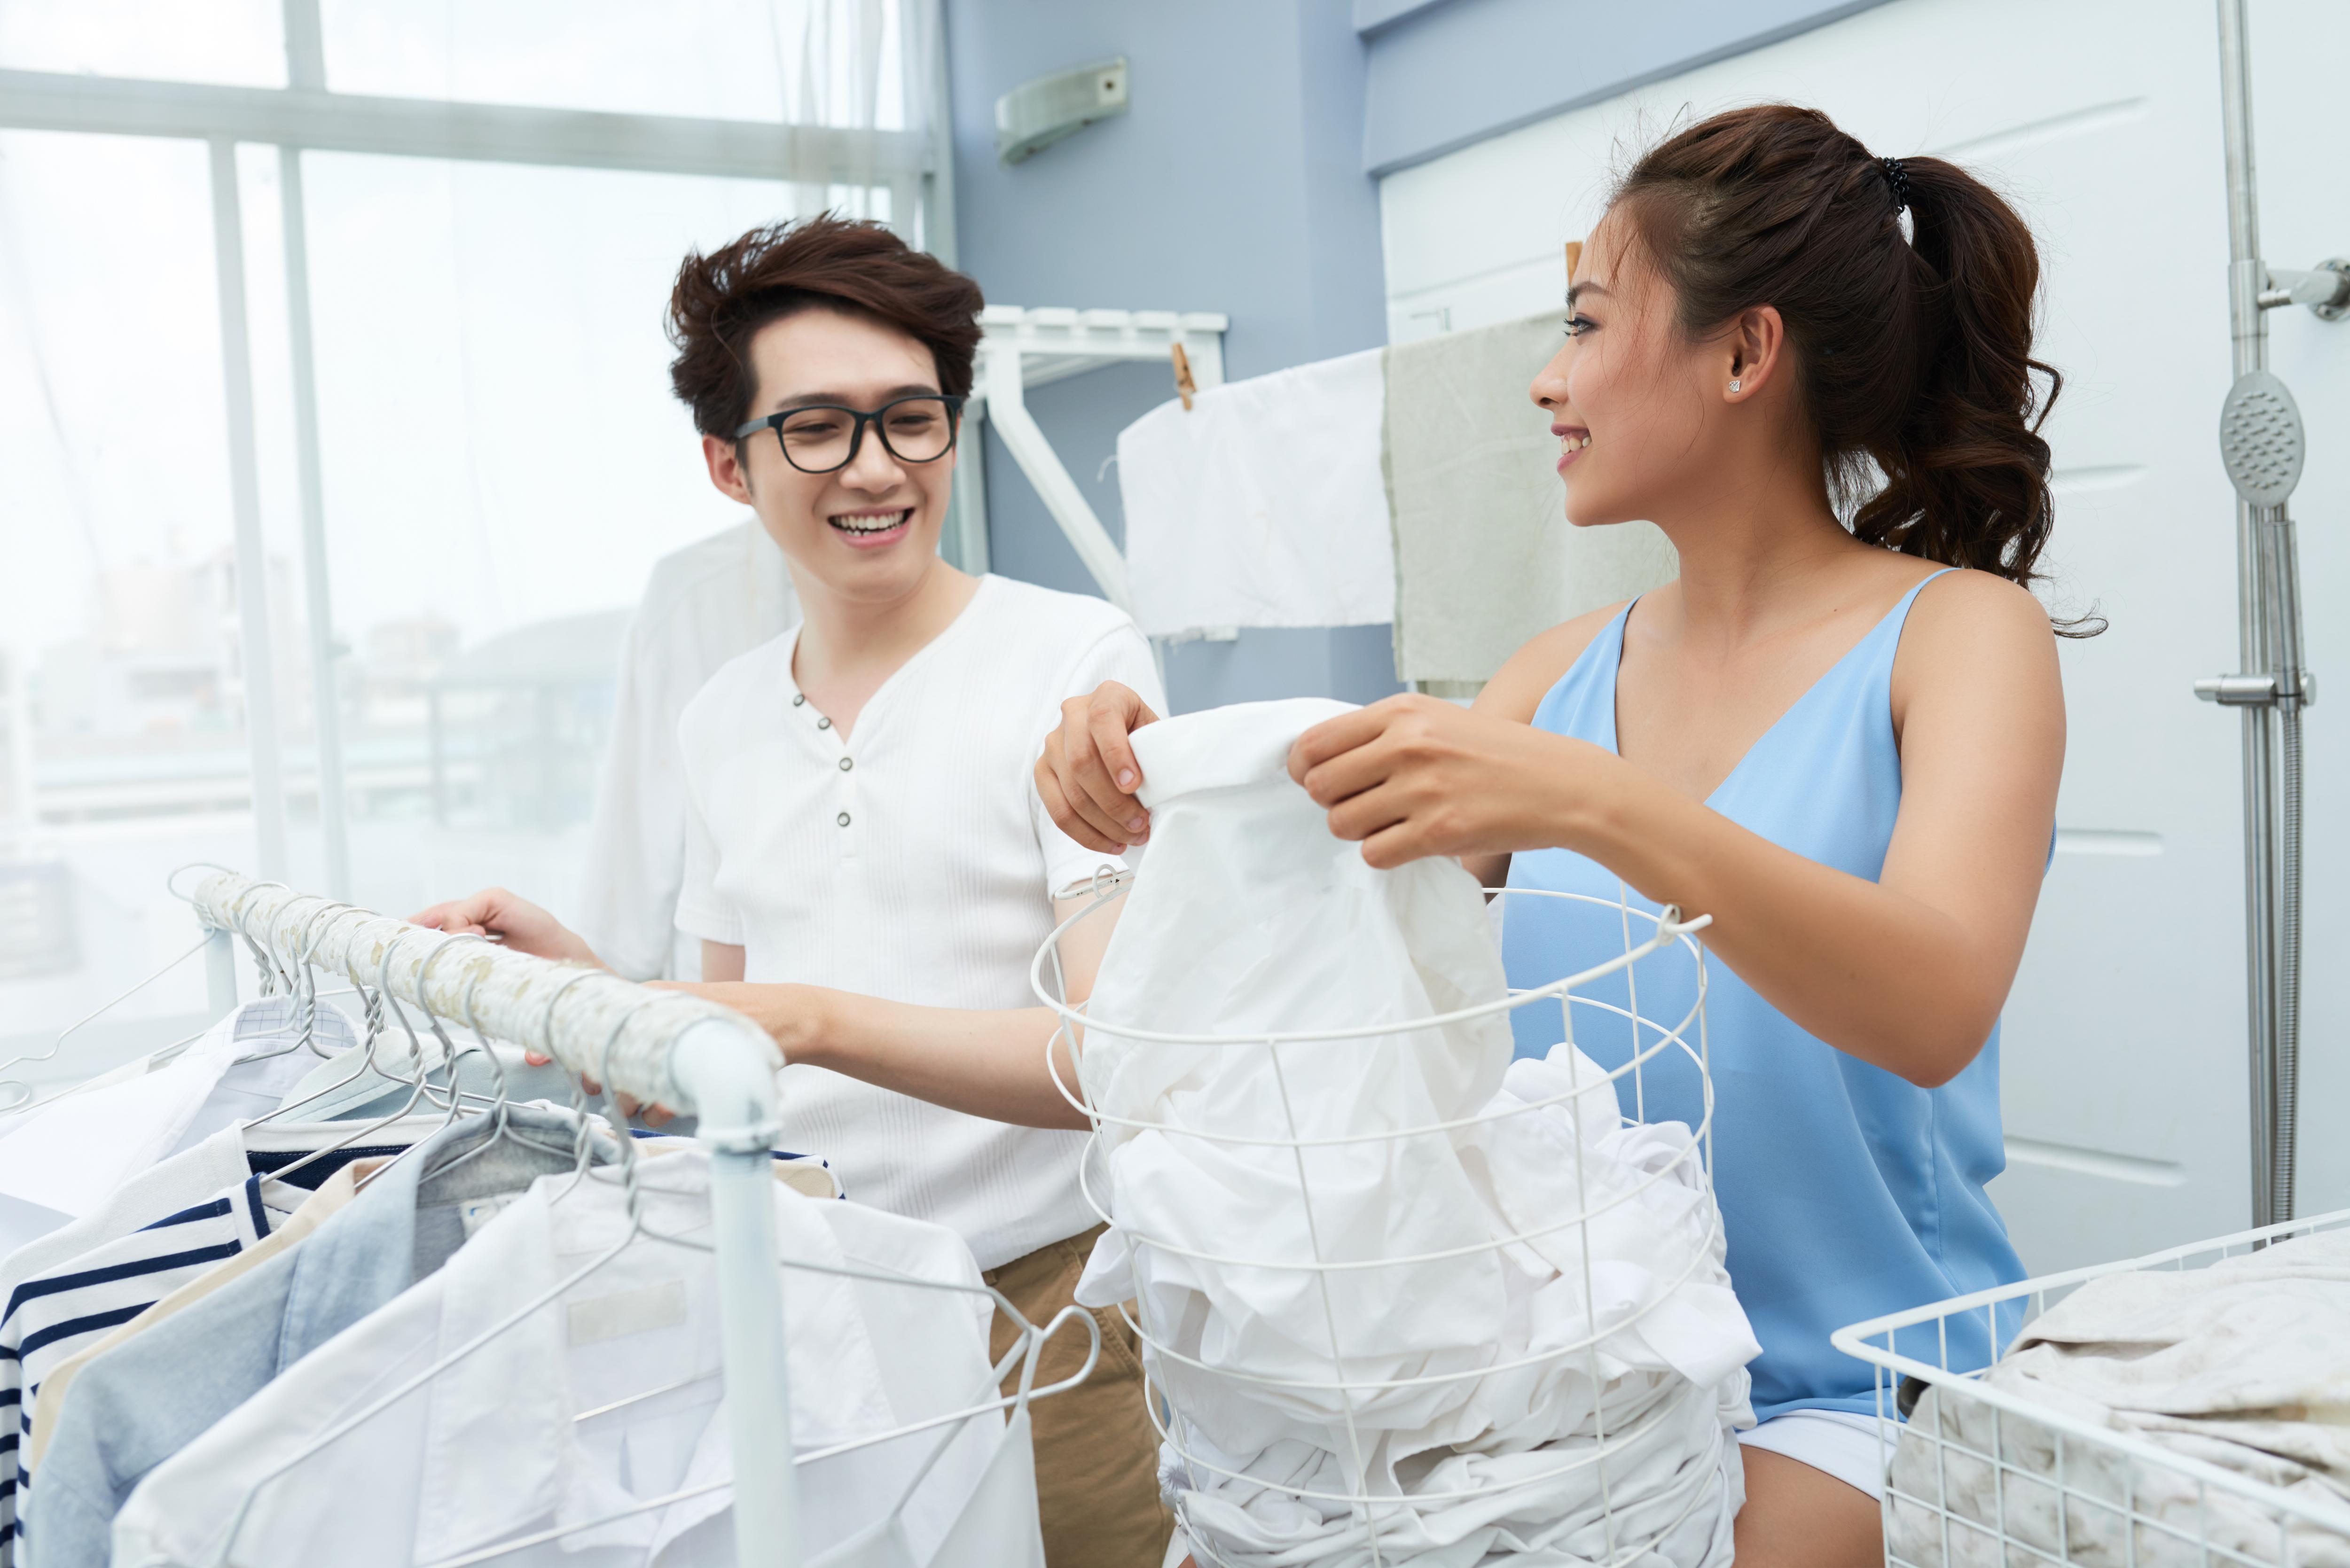 不同材质的衣服有哪些洗护讲究?